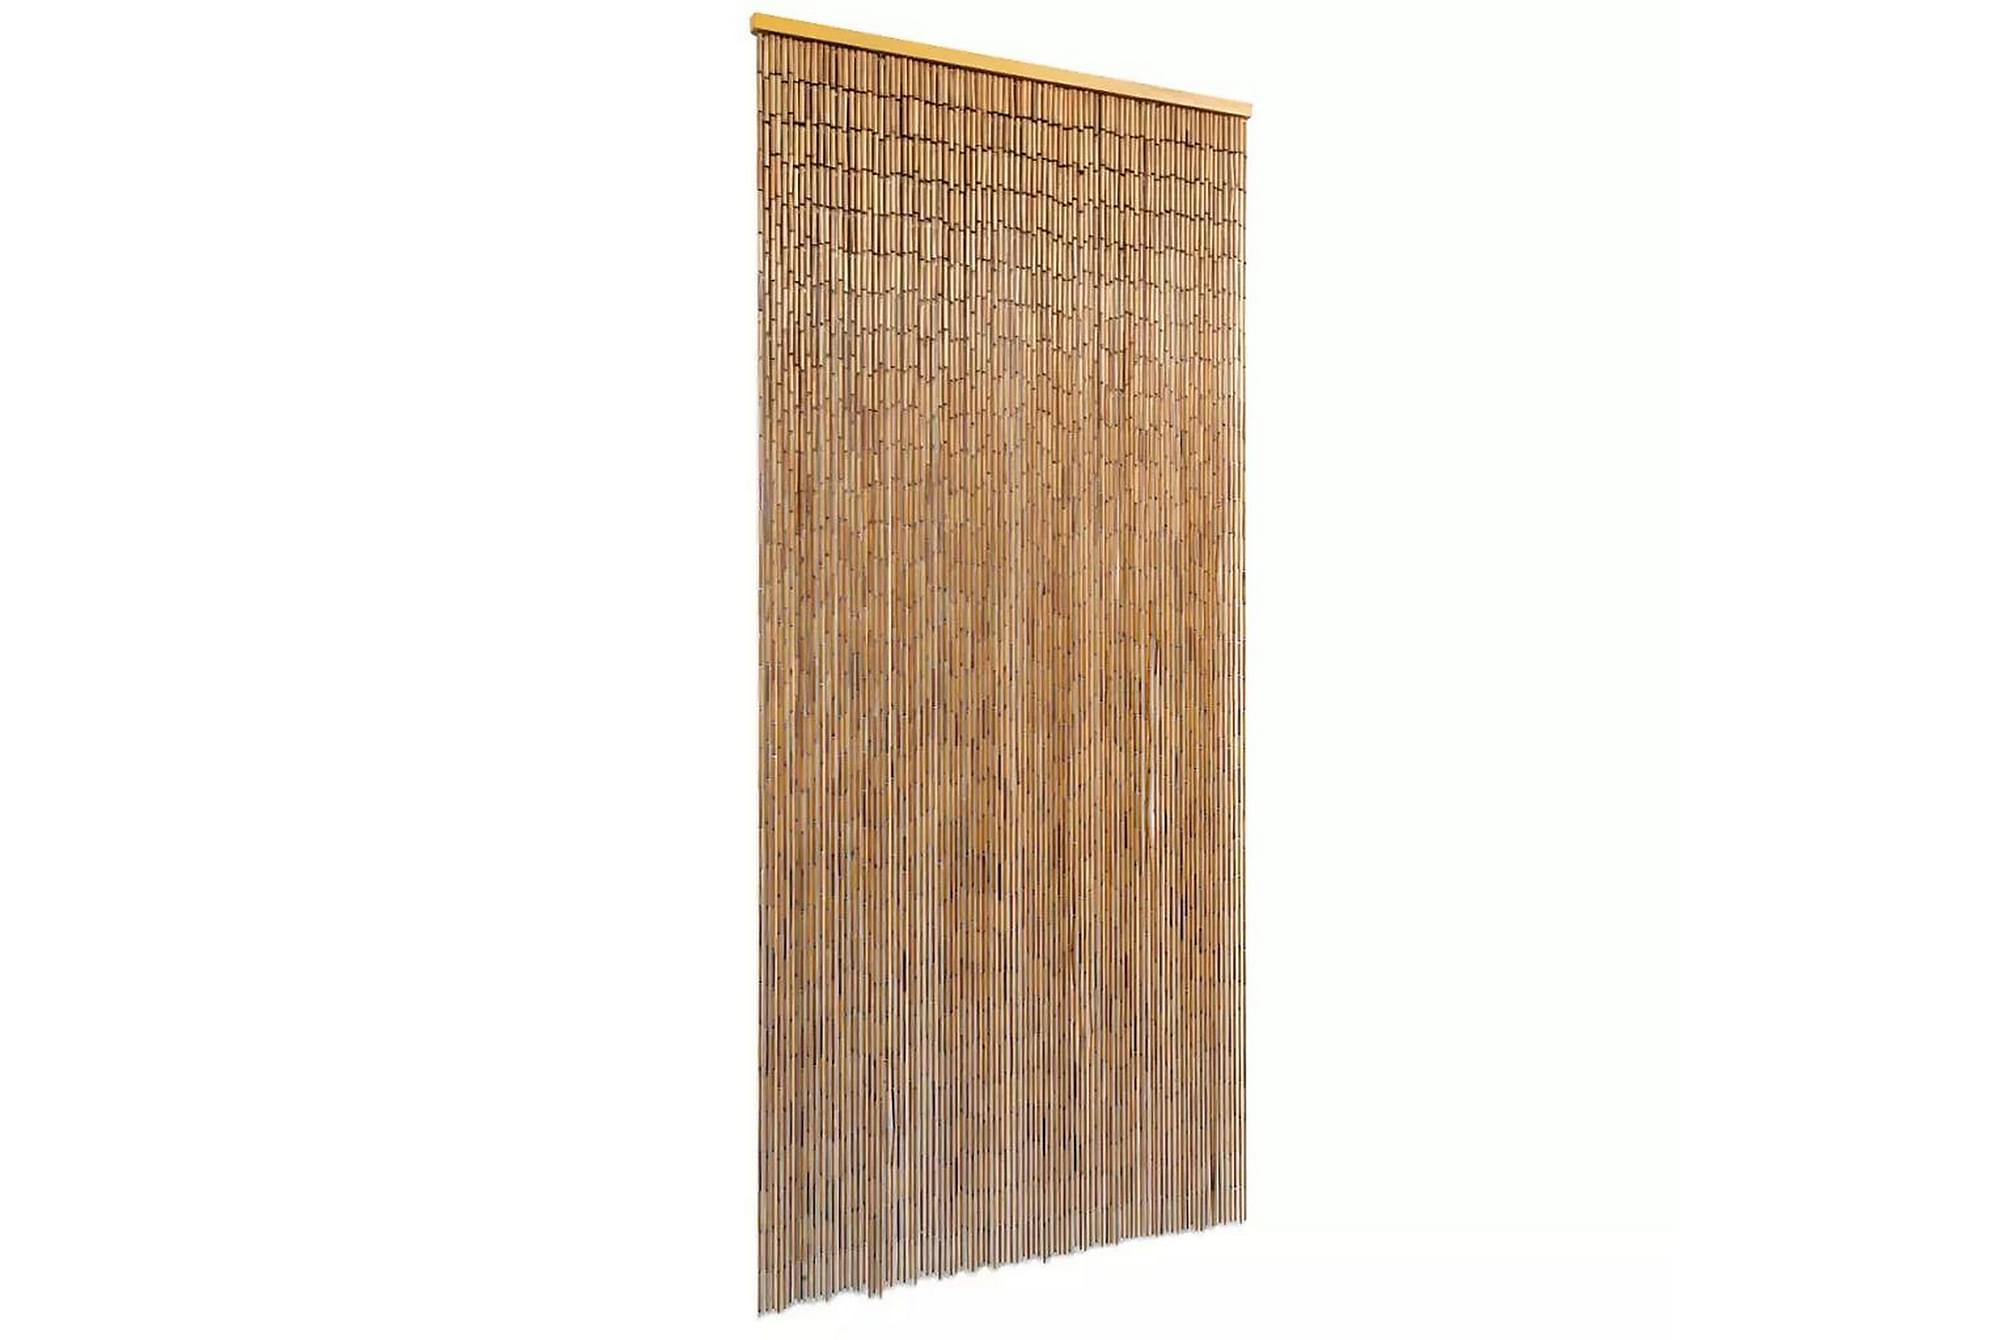 Agramonte Dörrdraperi 90×200 cm Bambu